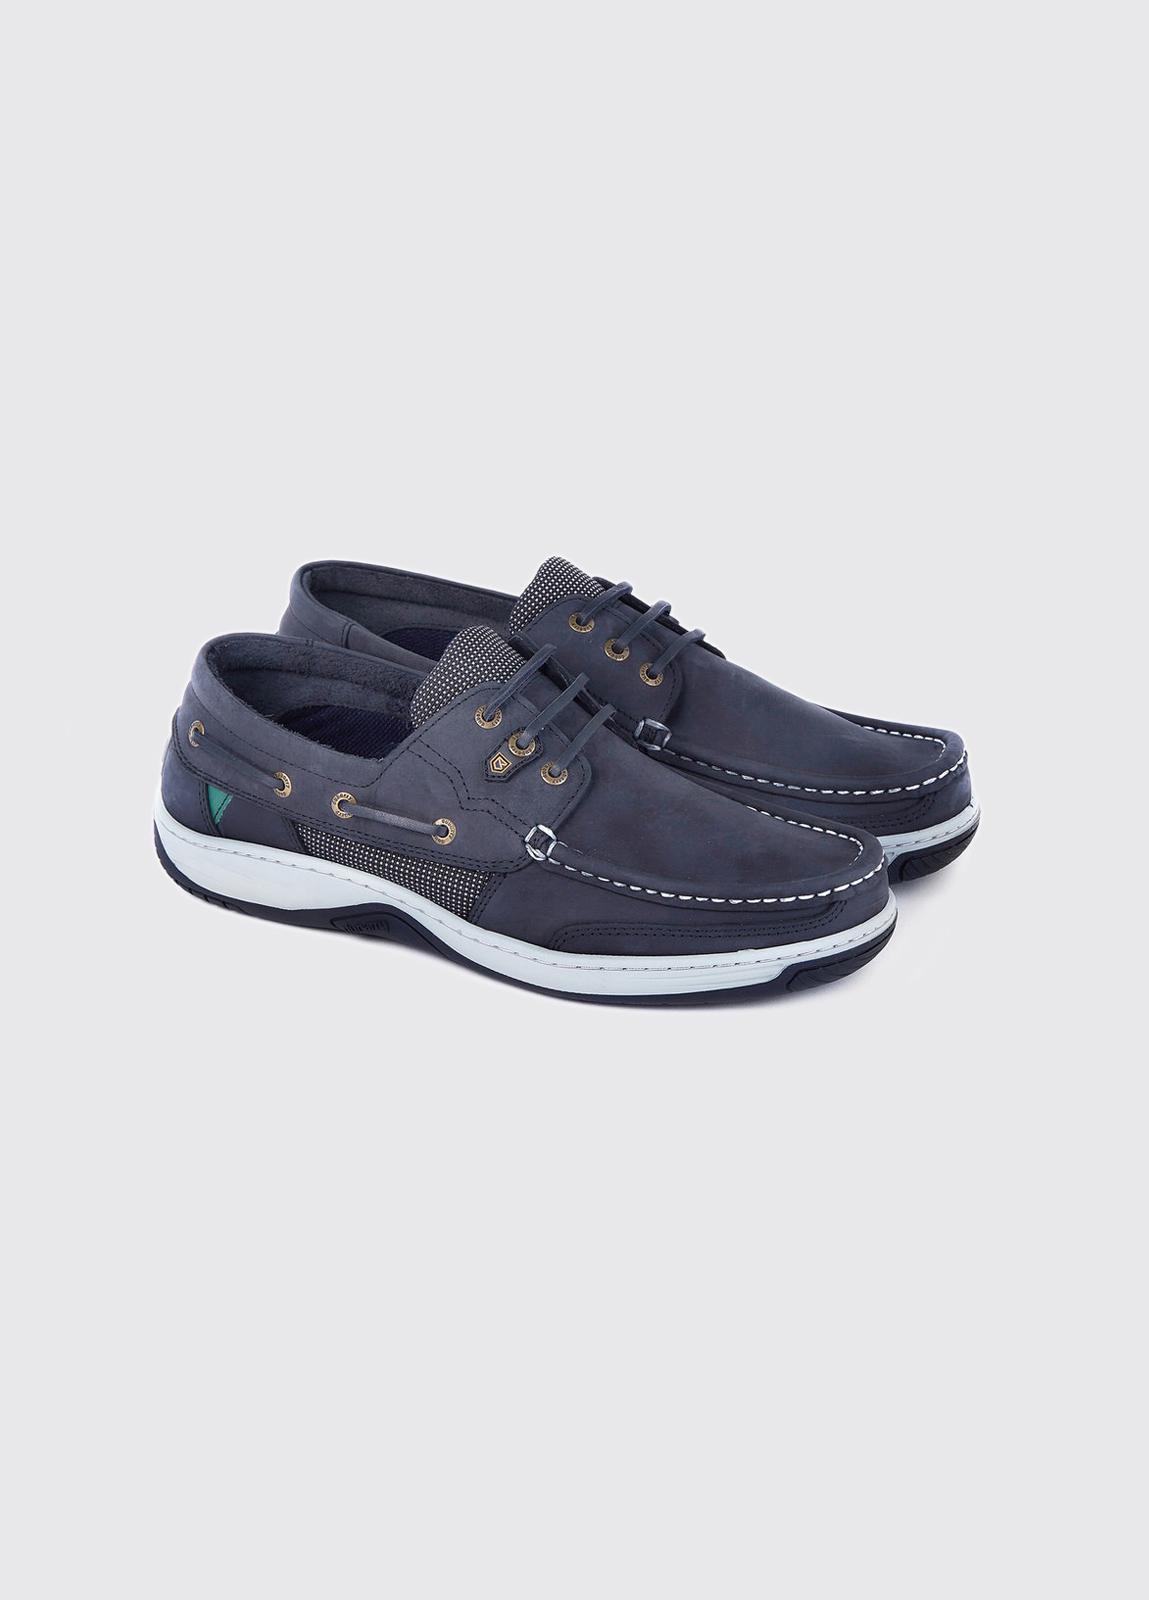 Regatta Deck Shoe - Navy